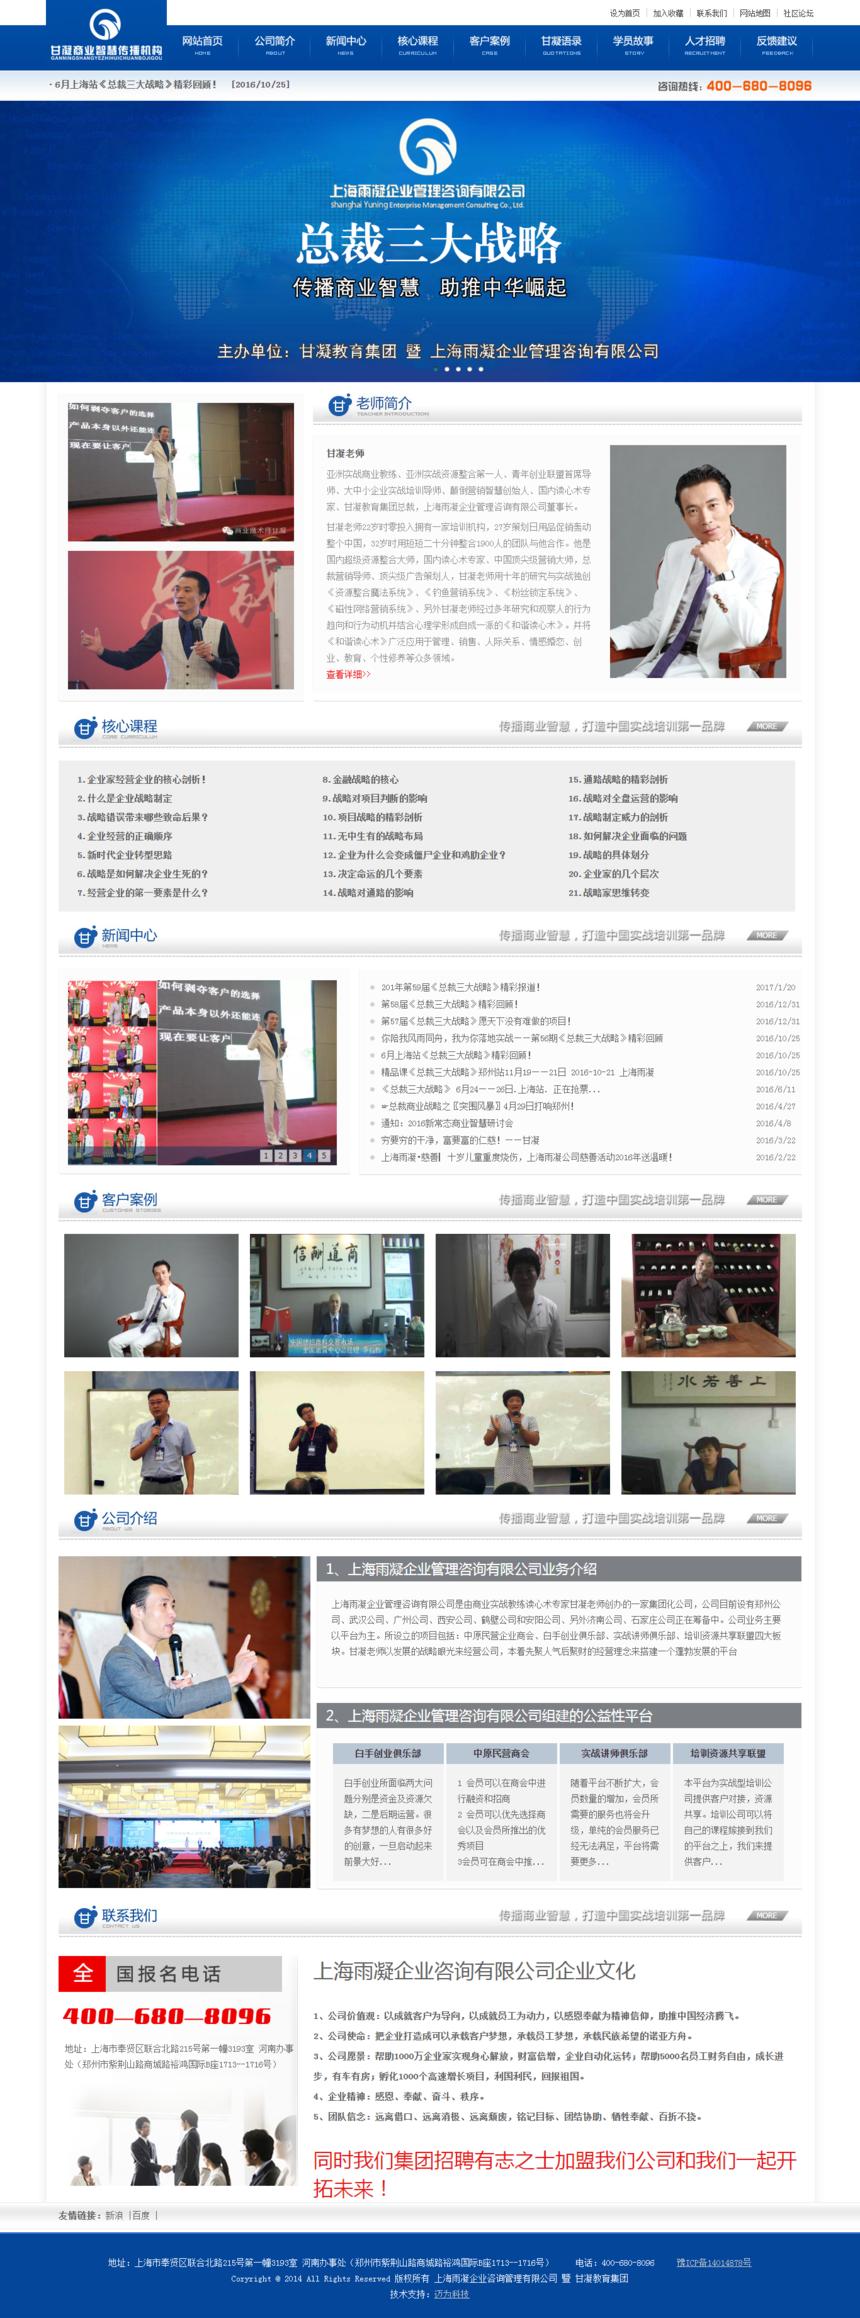 上海雨凝企业咨询管理有限公司.png